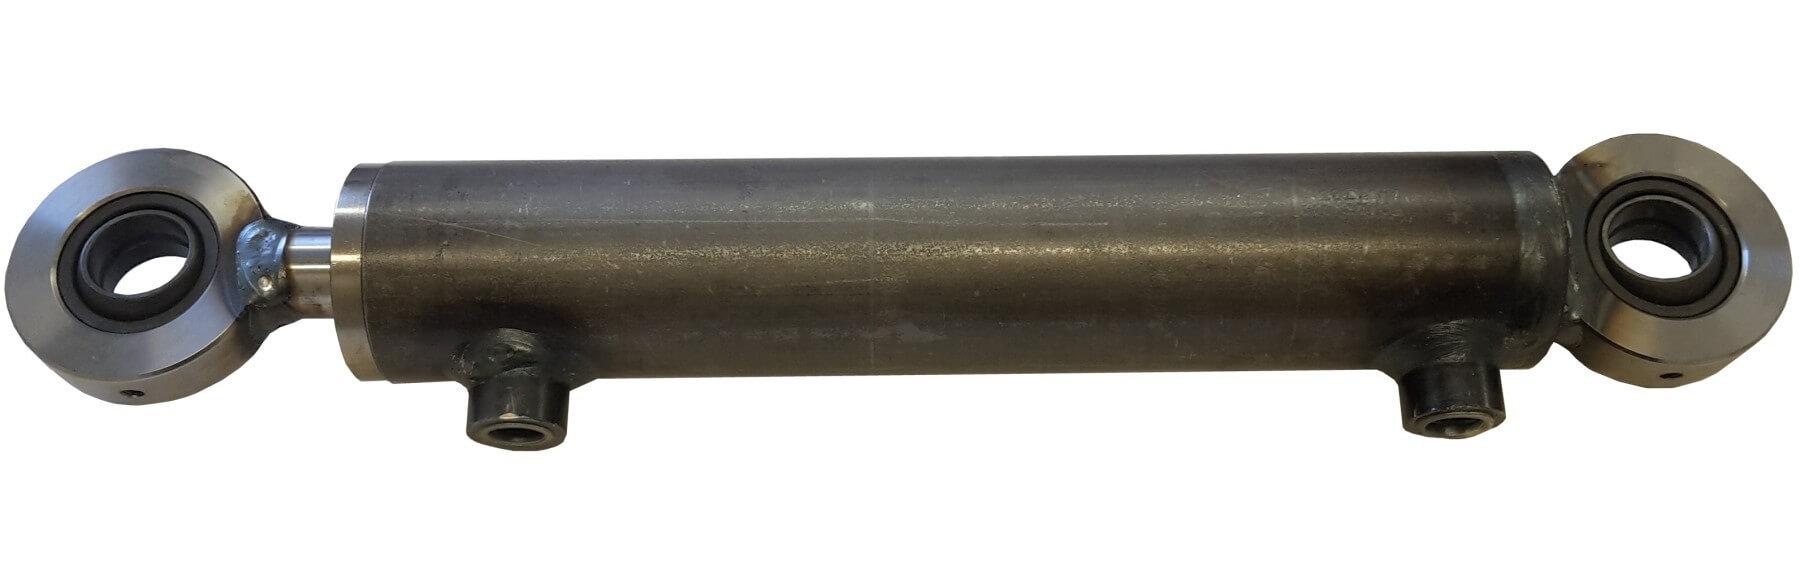 Hydraulisylinteri CL 80. 50. 600 GE - Kailatec Oy Verkkokauppa